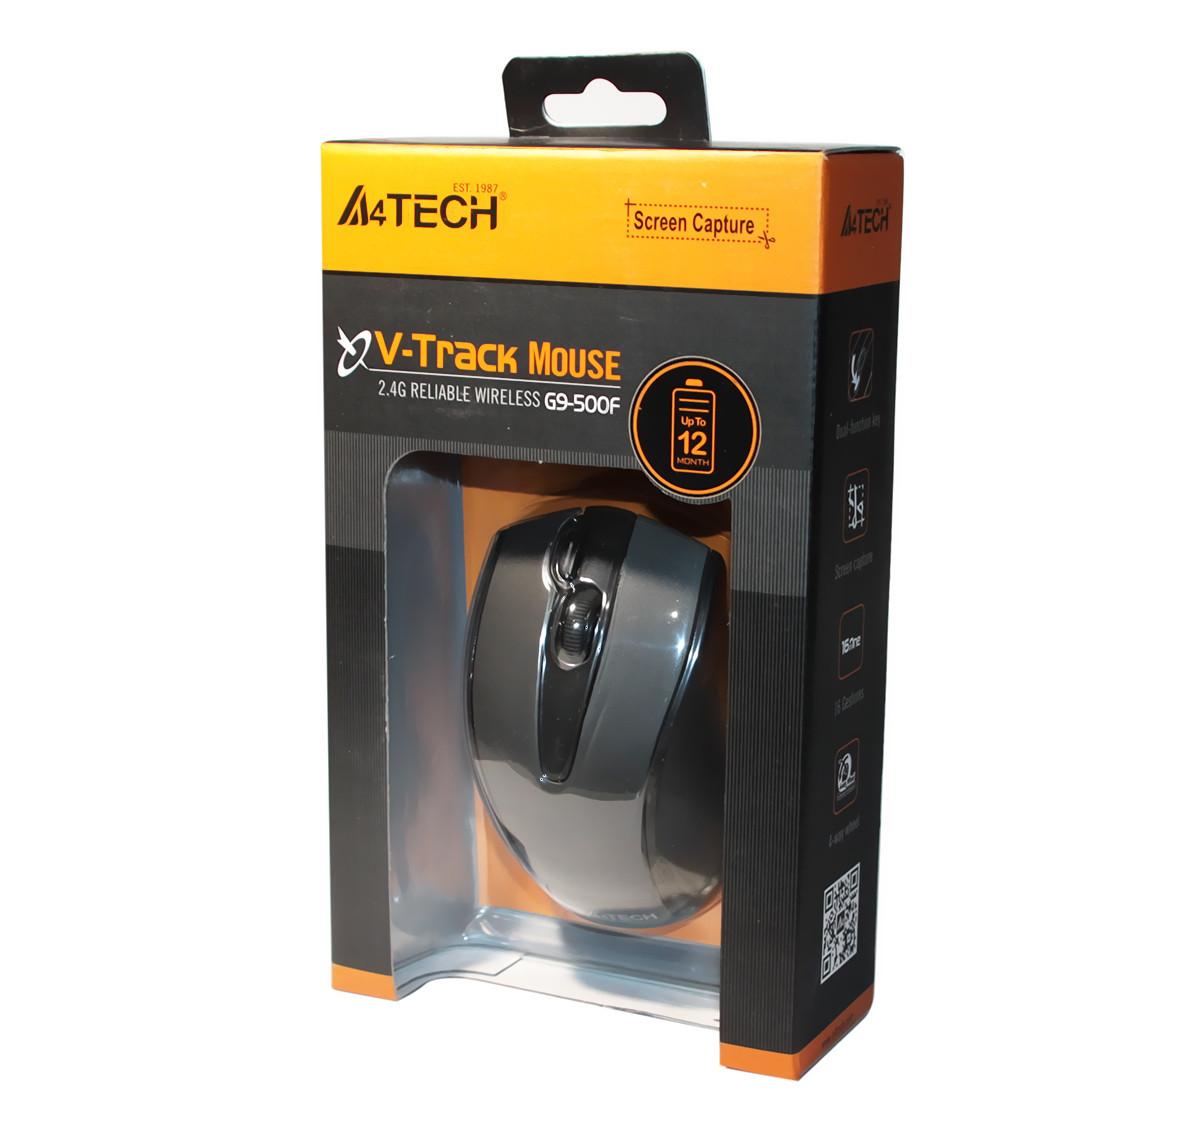 Мышь A4Tech G9-500F-1 V-Track, Black, USB, Wireless